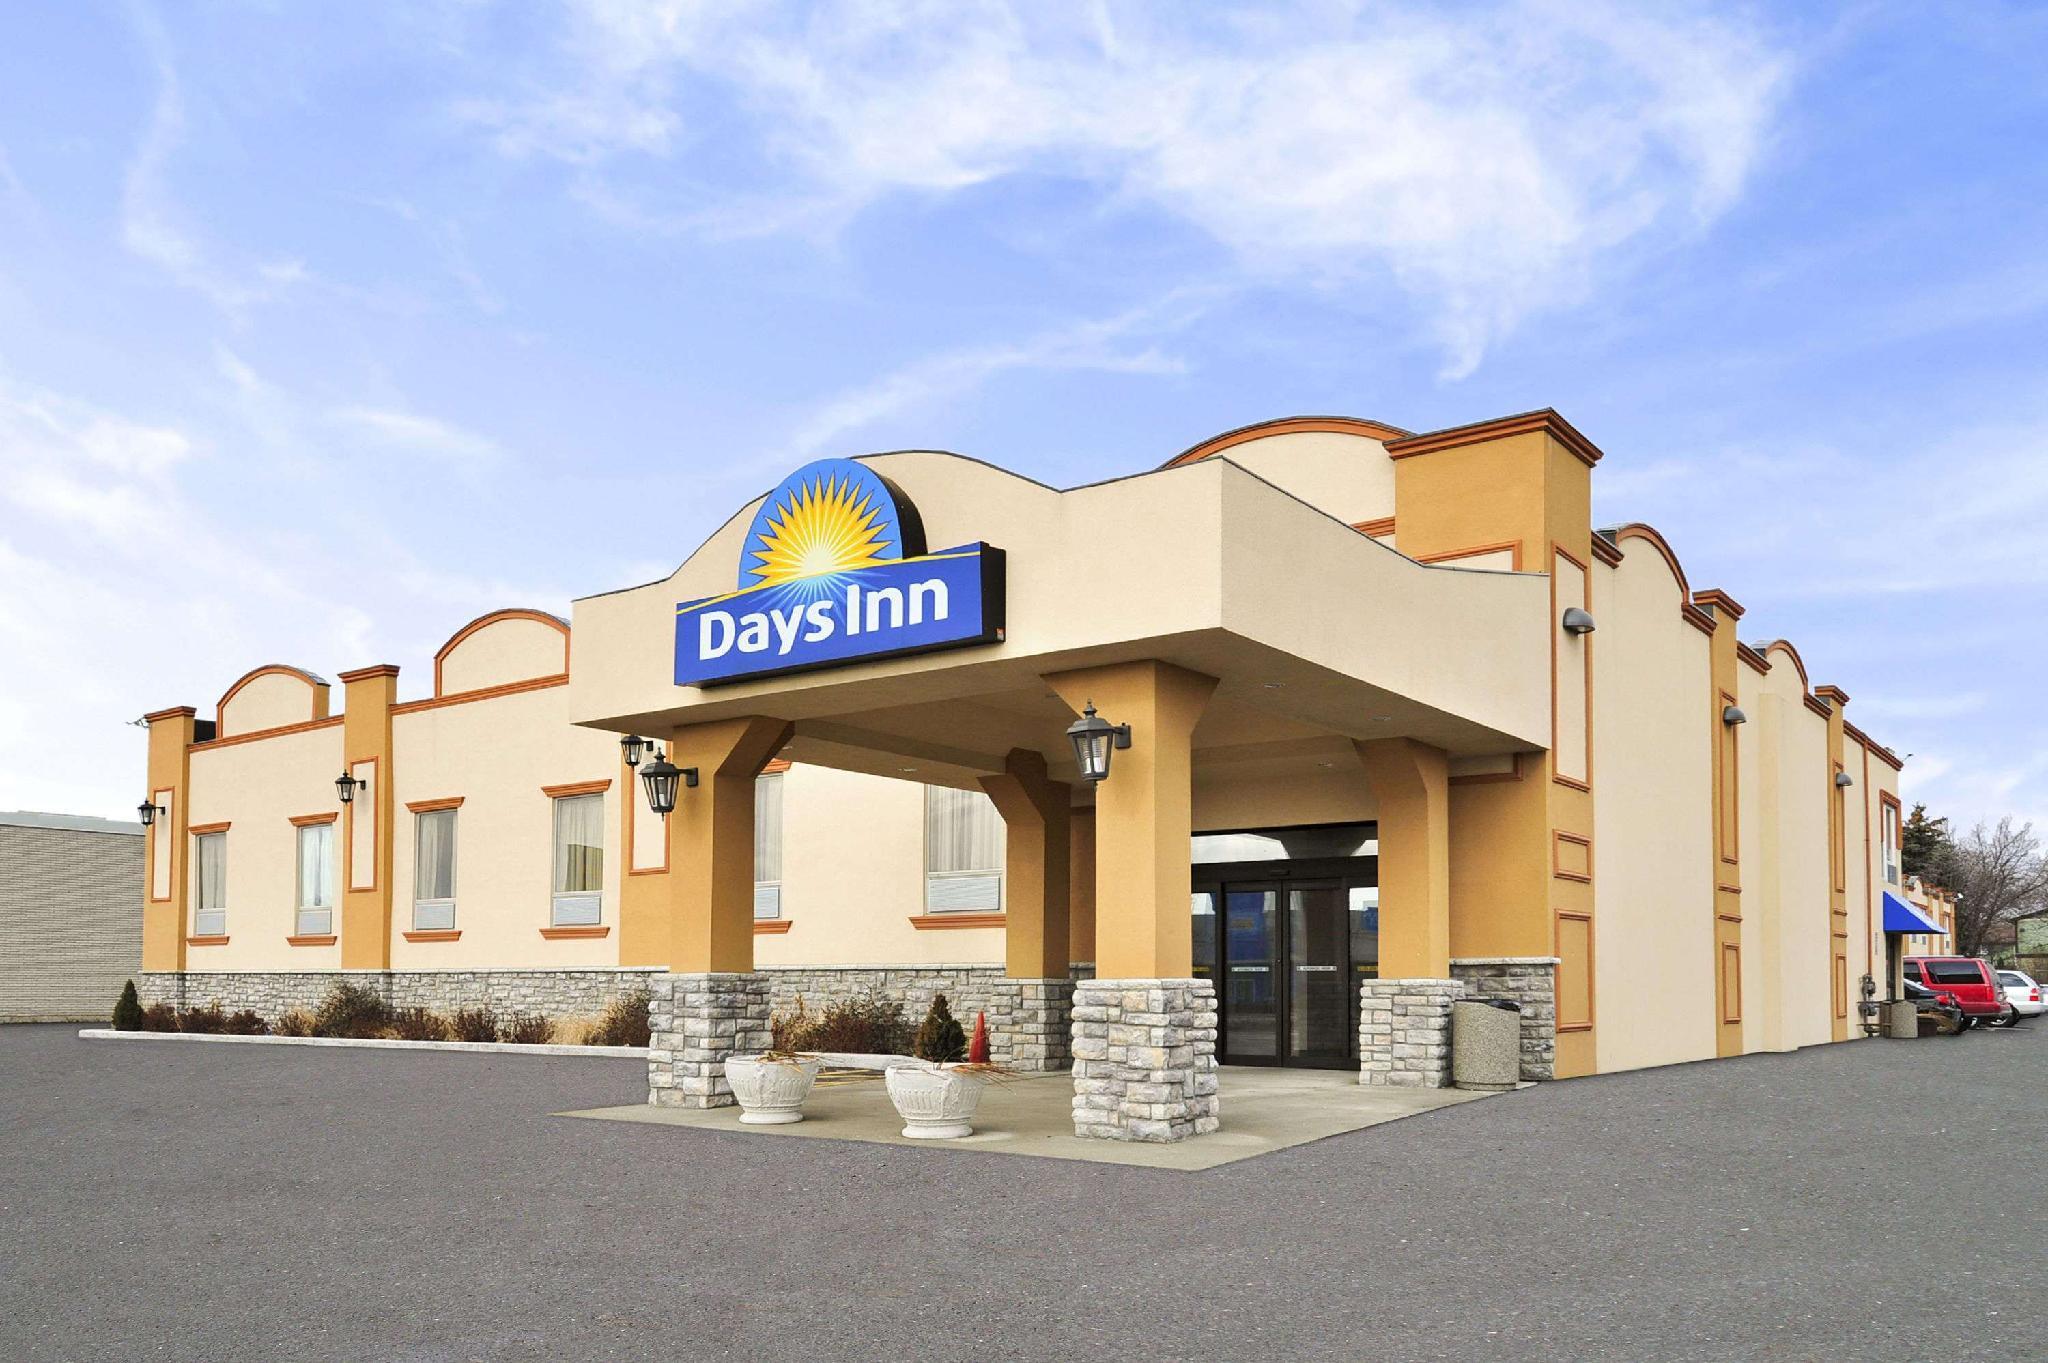 Days Inn By Wyndham Brampton